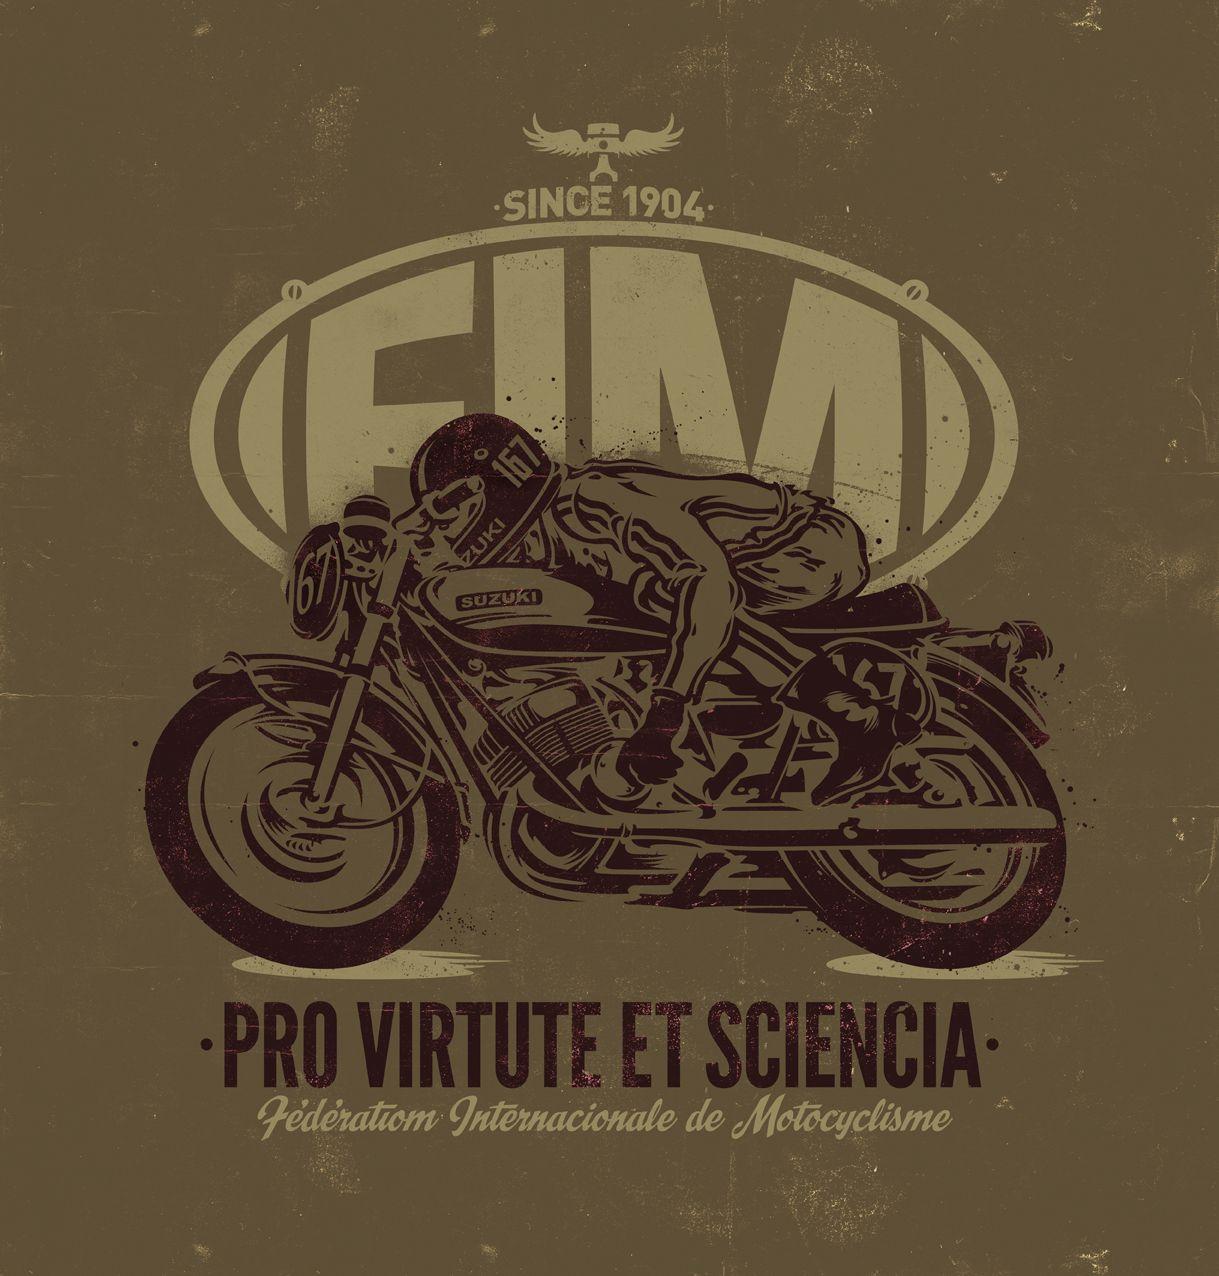 Working for FIM. Fédération International de Motocyclisme